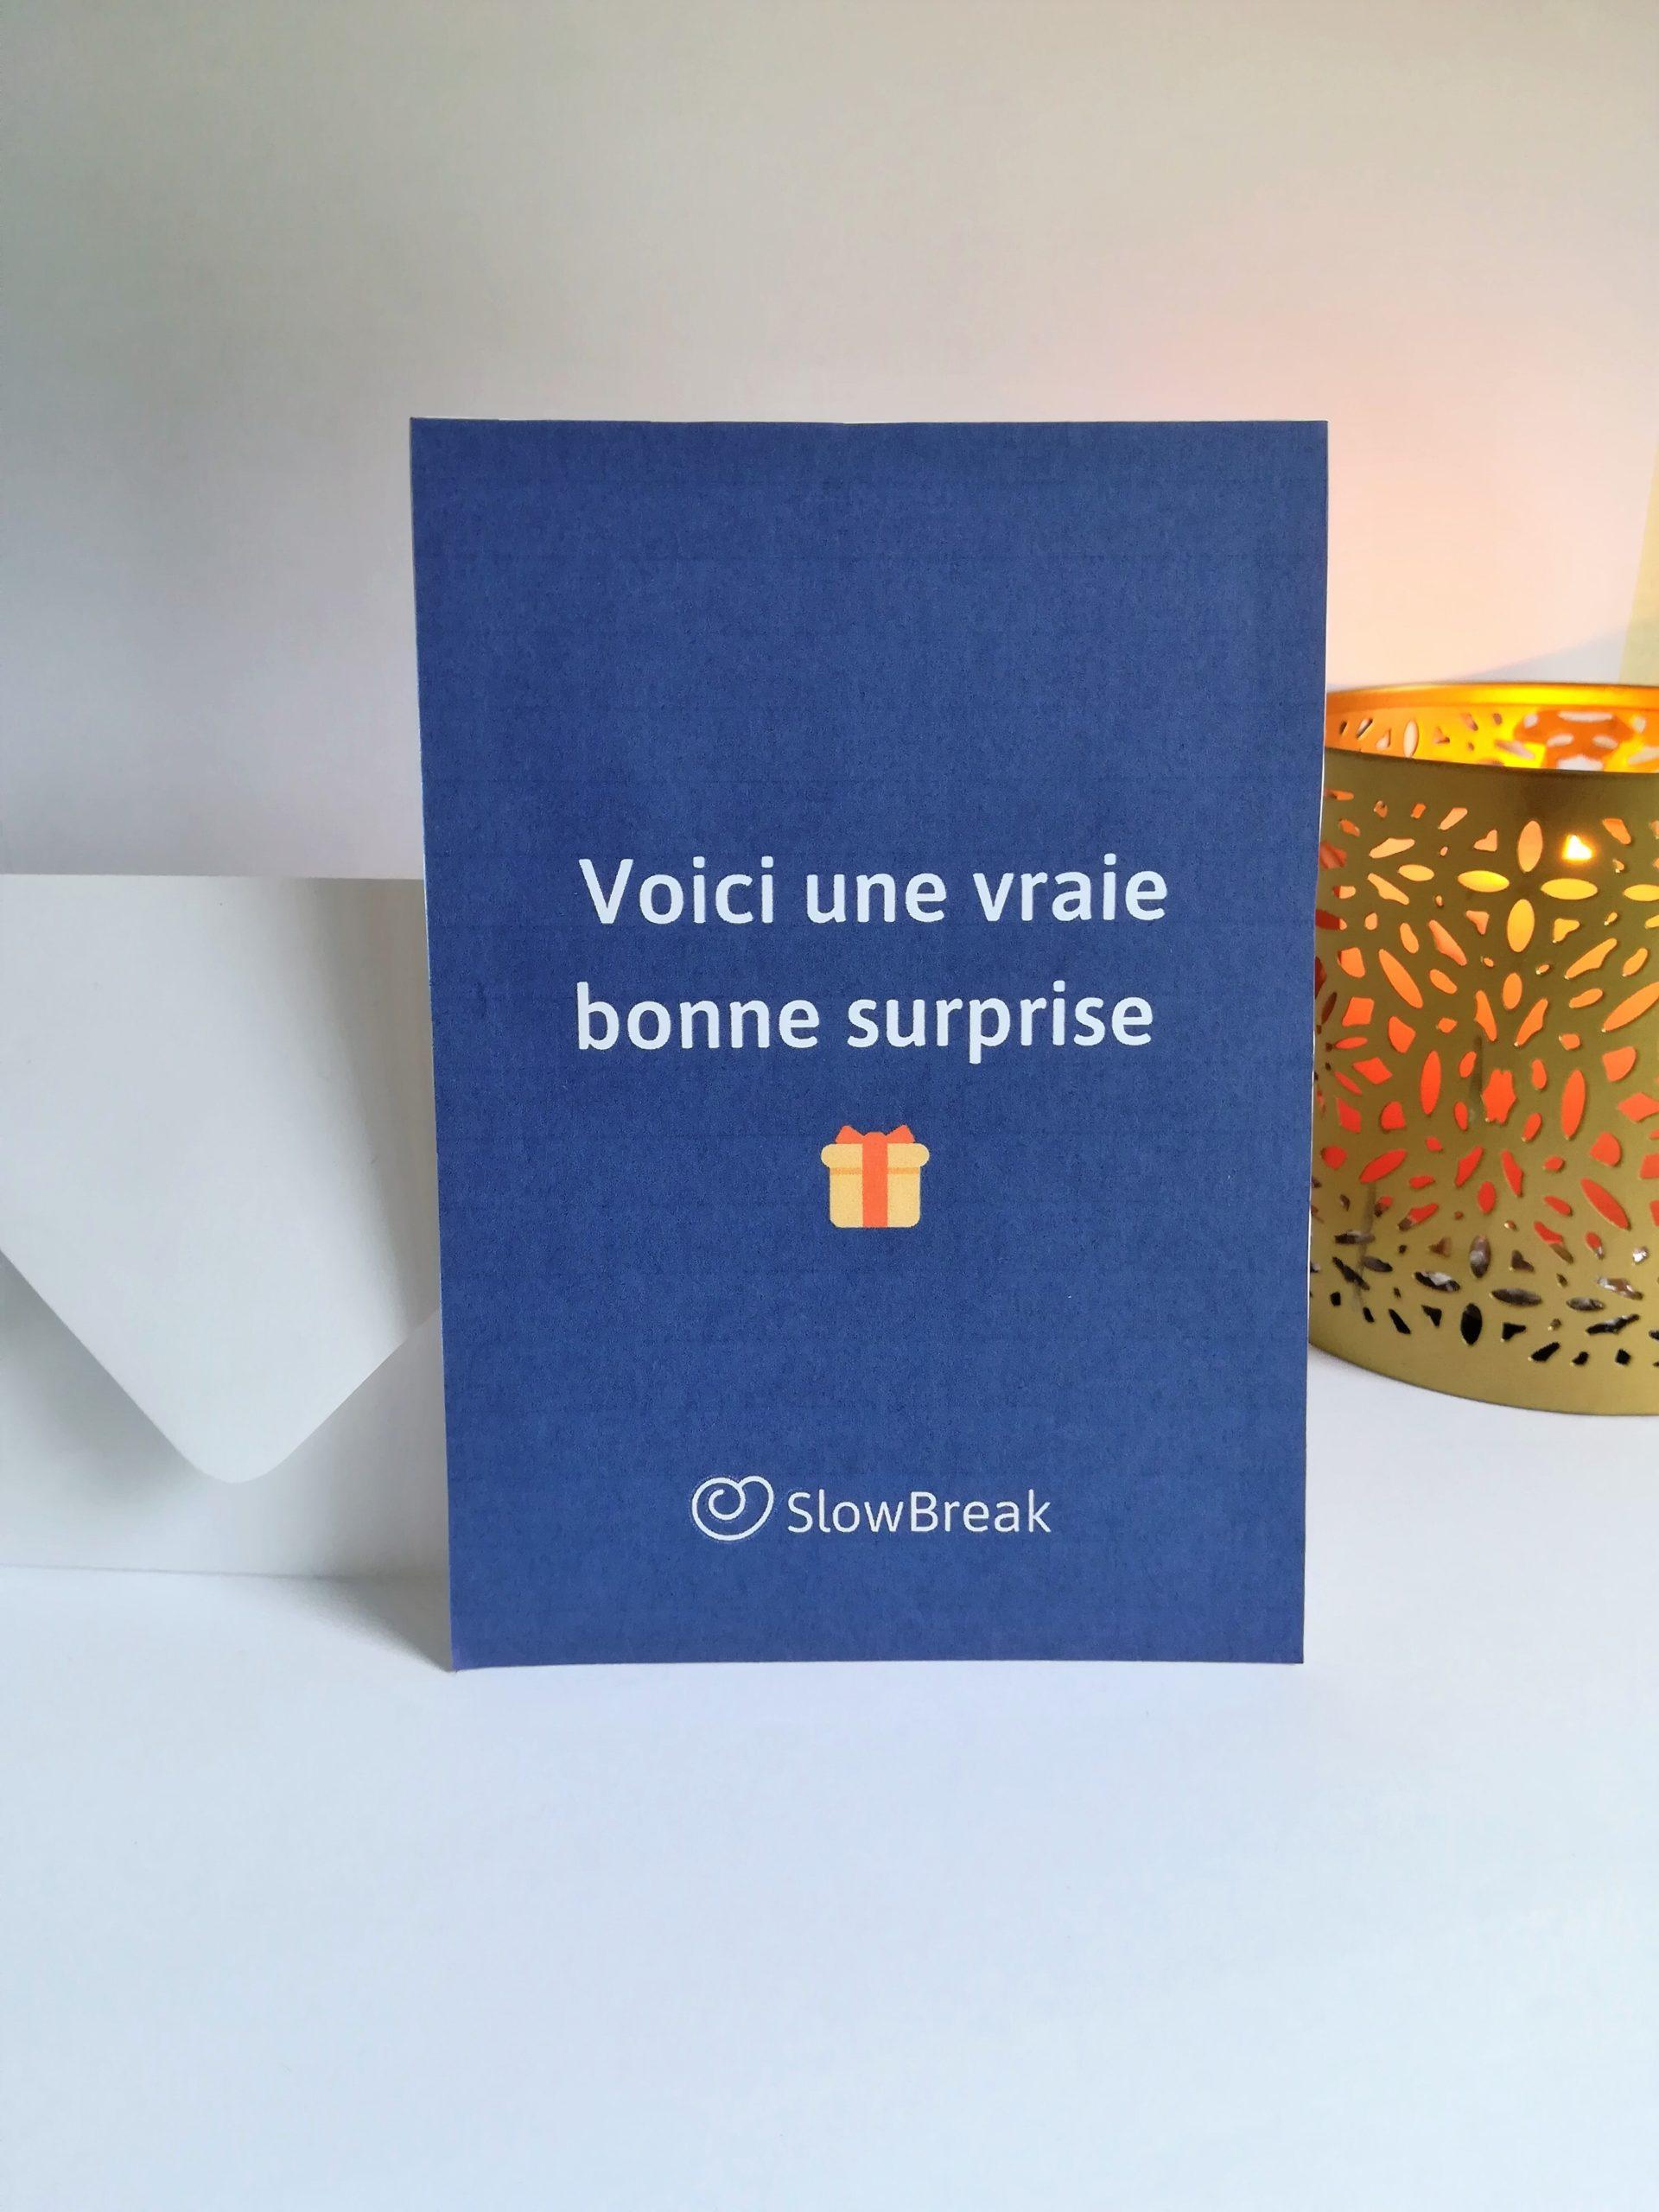 carte cadeau SlowBreak - Les globe blogueurs - blog voyage nature